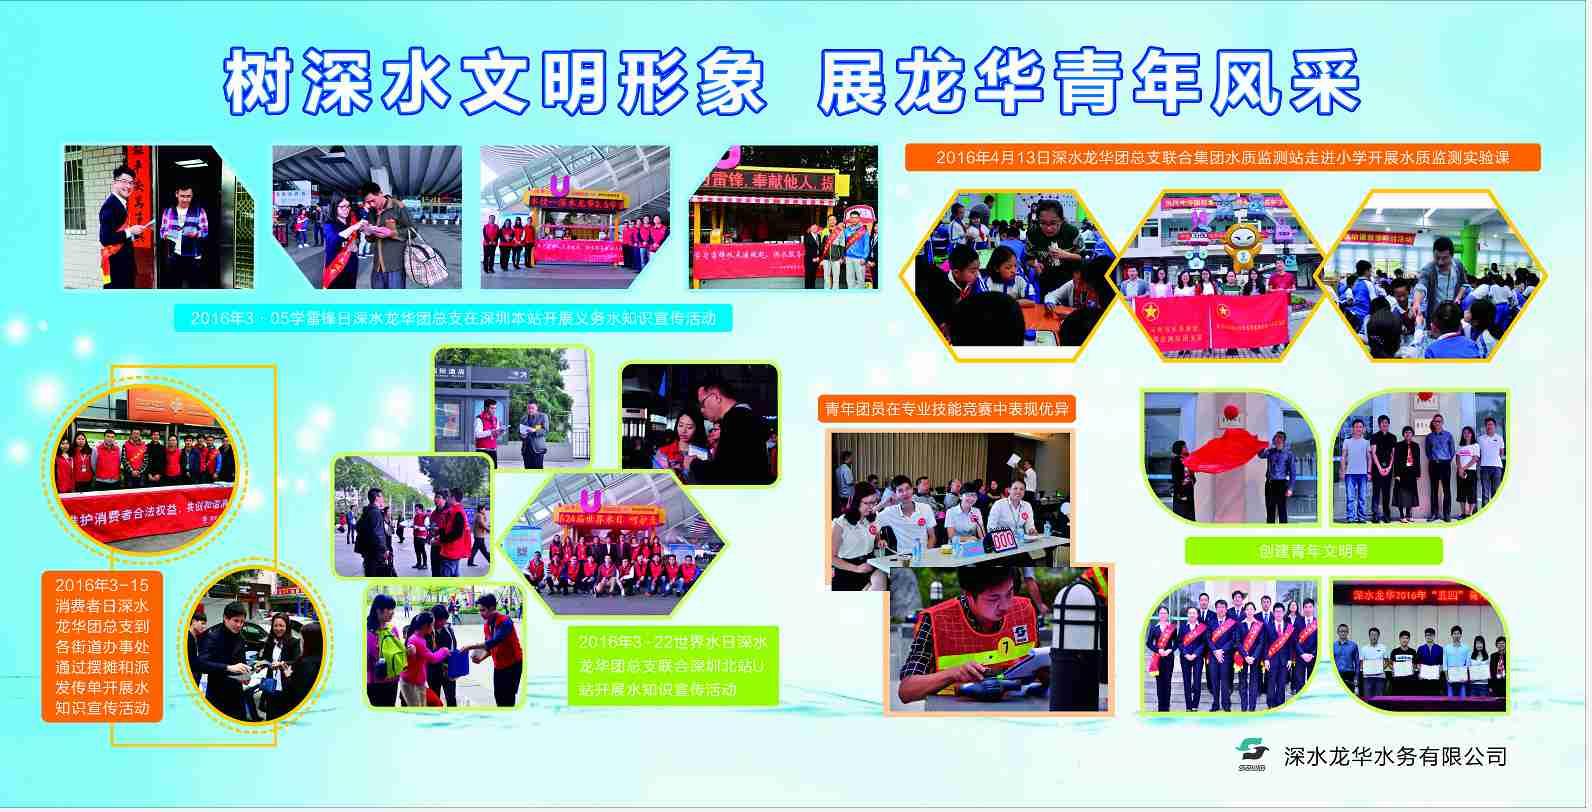 广州原装宣传栏安装公司「深圳市路易鑫广告供应」